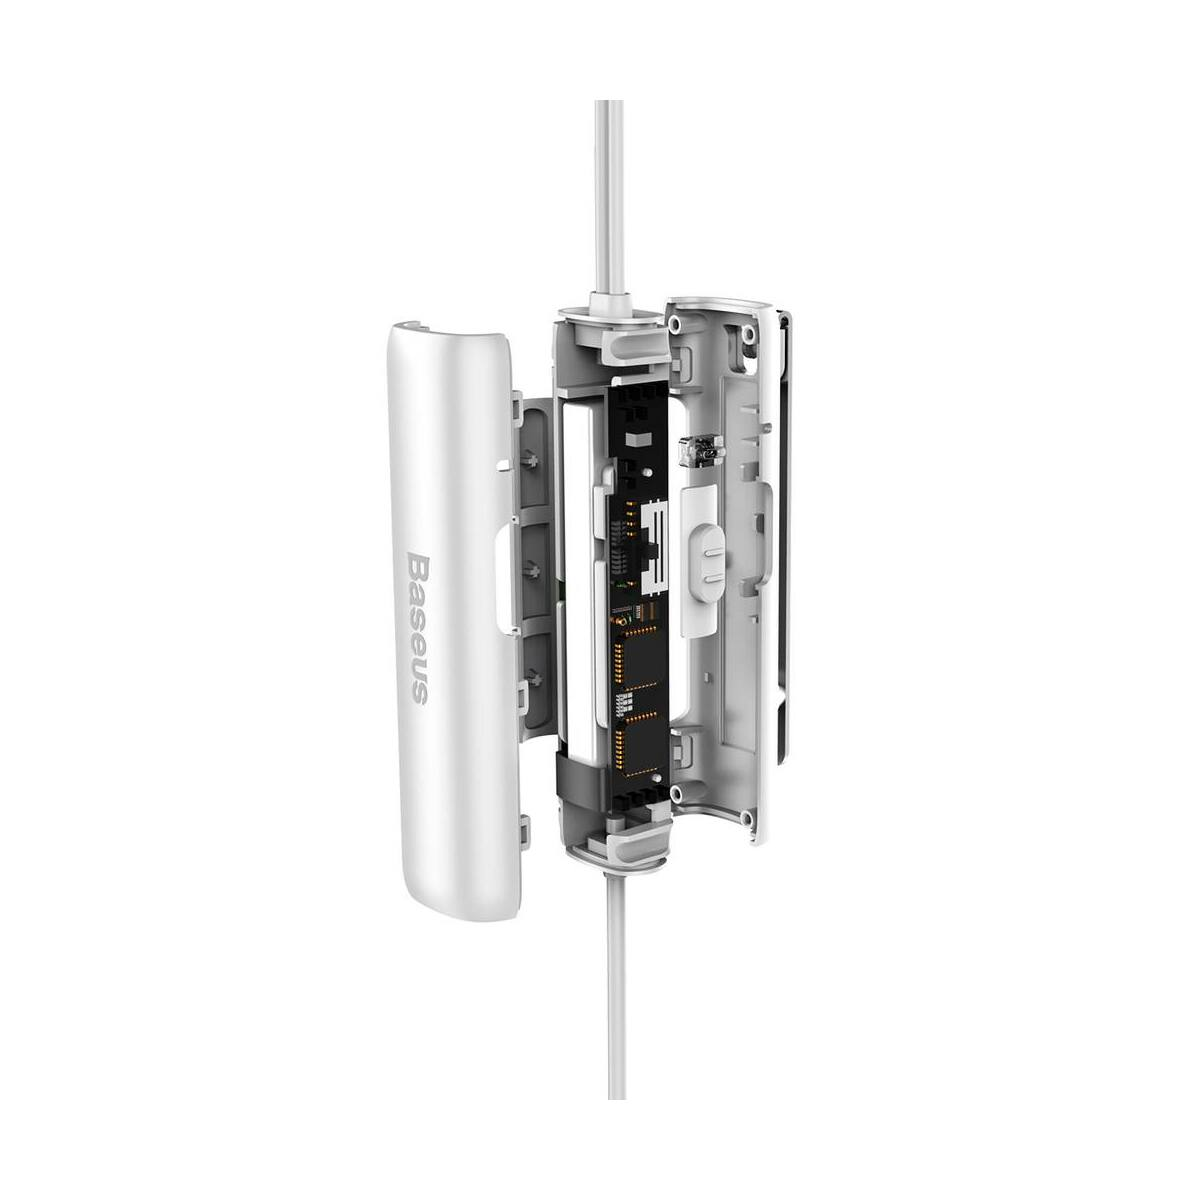 Baseus fülhallgató, Encok H08, Immersive virtual 3D gaming, mini jack, vezetékes, vezérlővel, fehér/szürke (NGH08-2G)